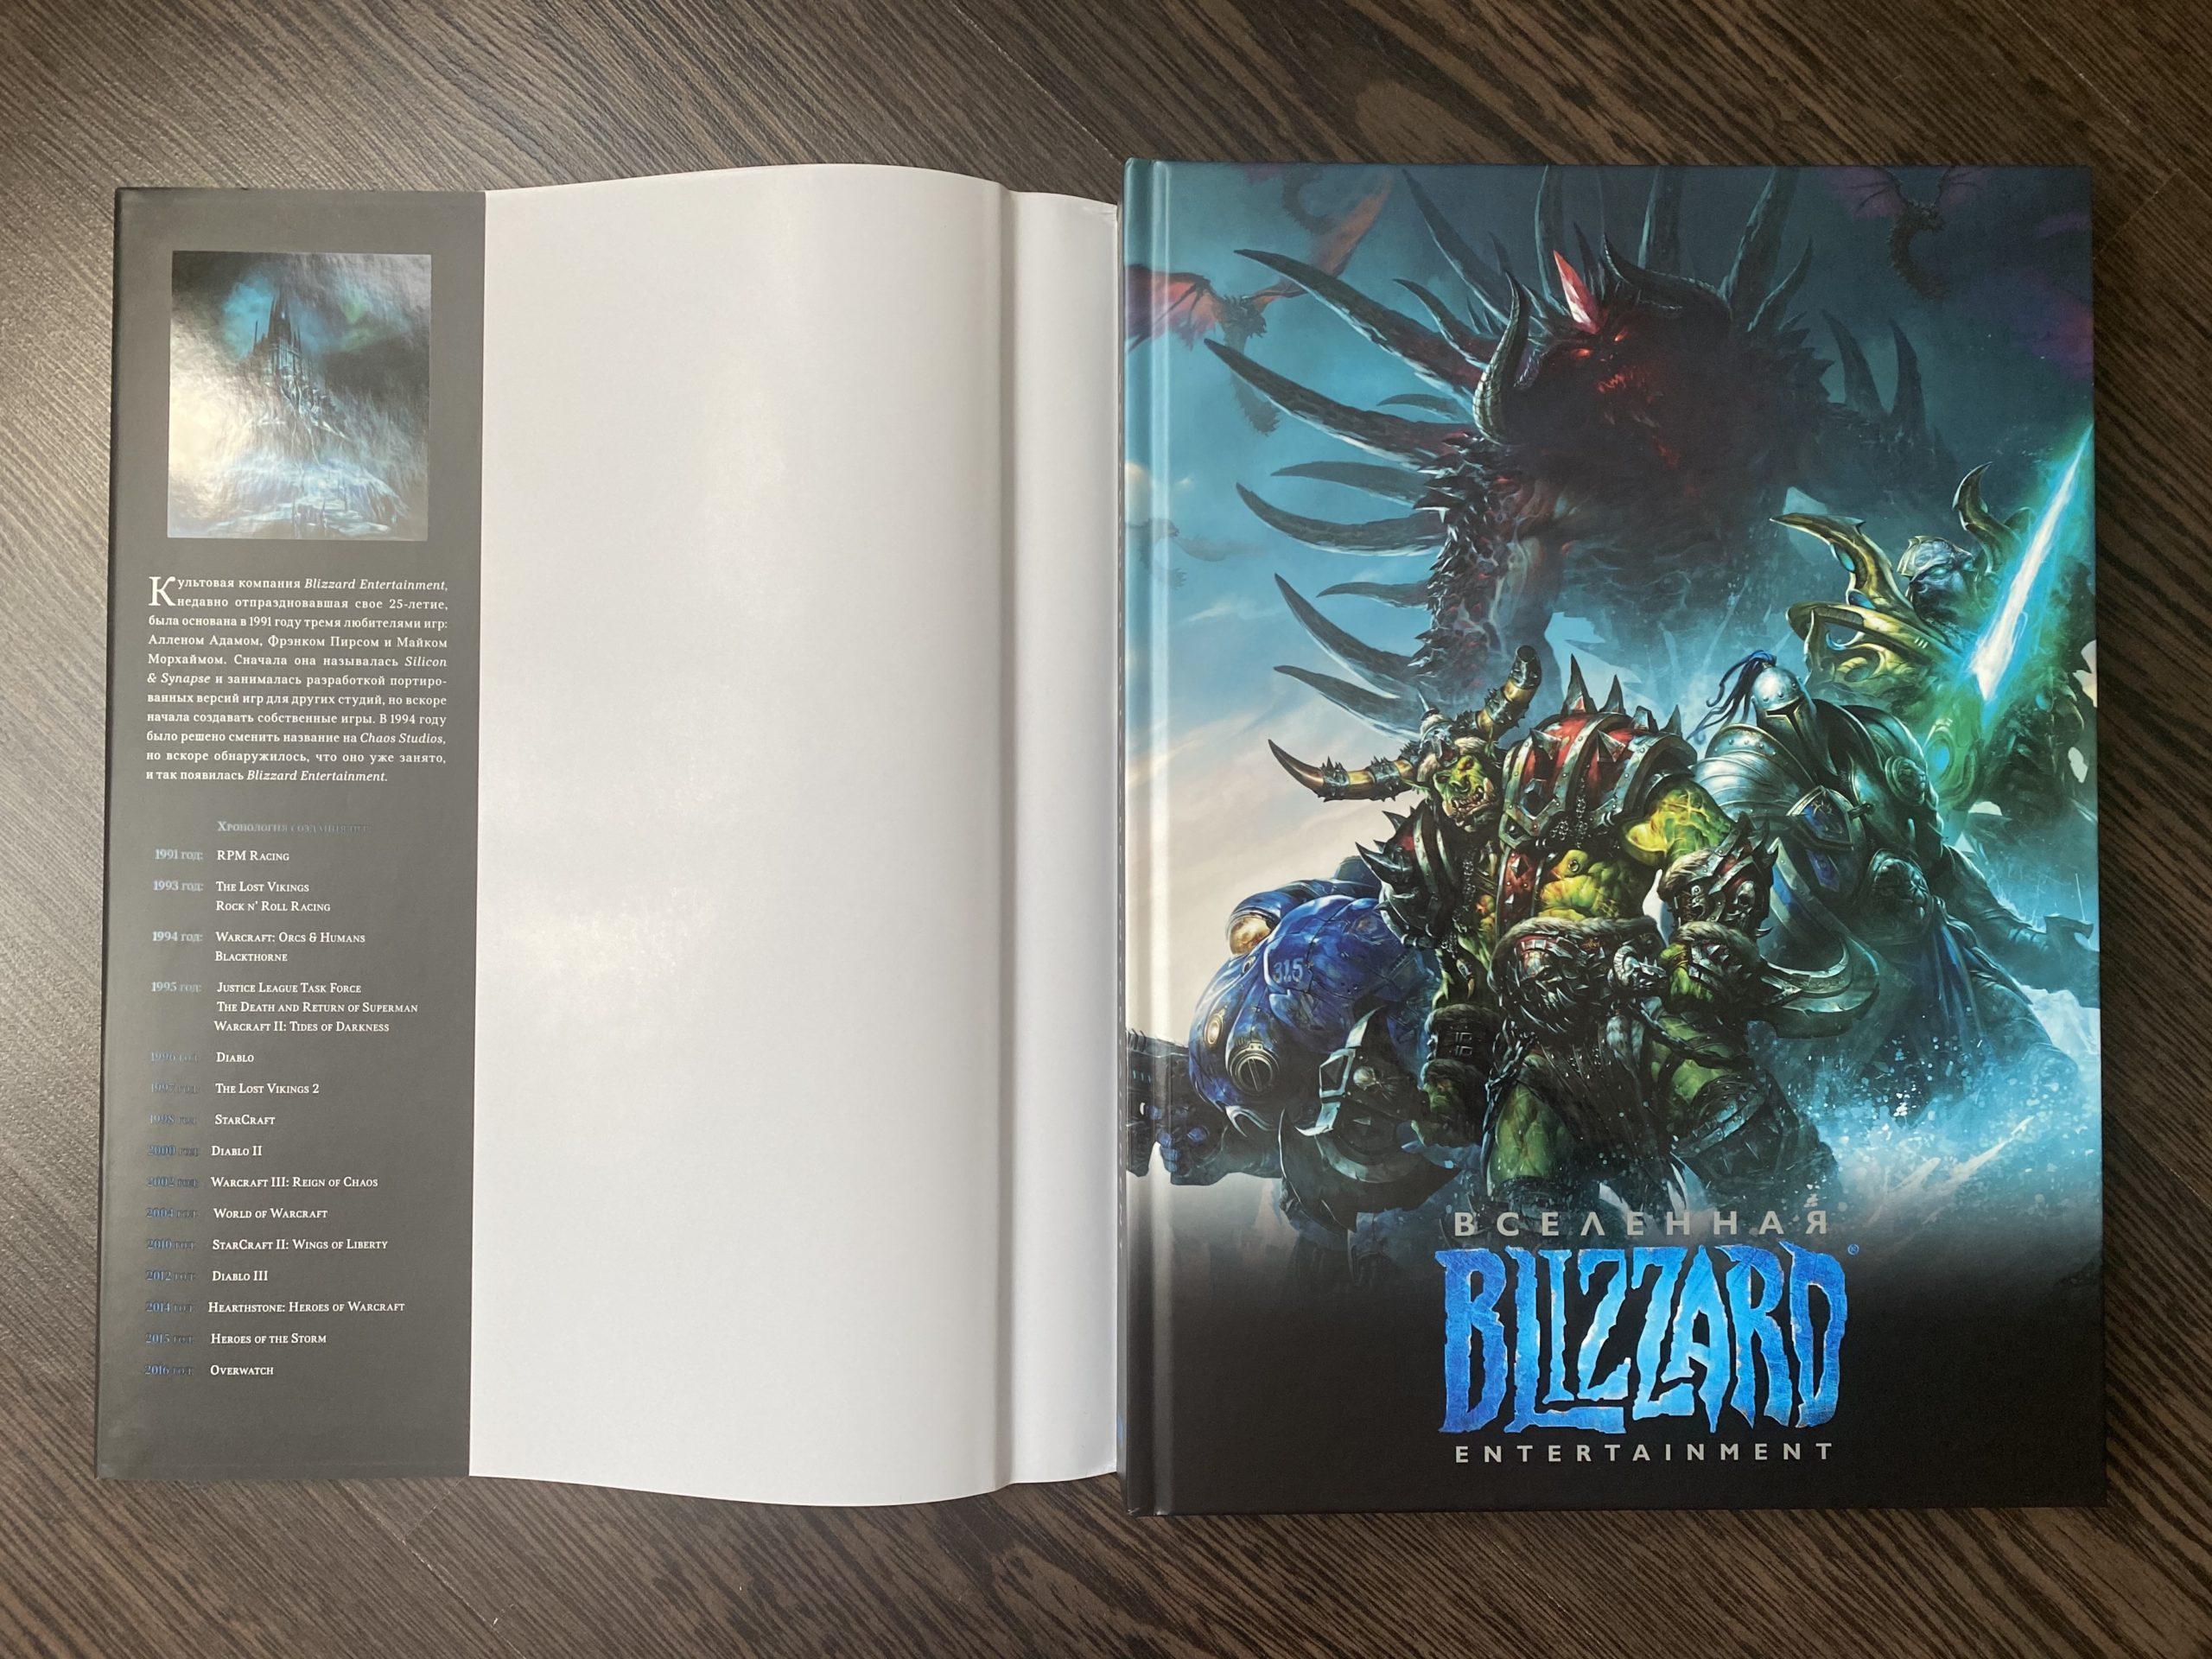 Обзор артбука «Вселенная Blizzard» - Художественное путешествие к истокам 21